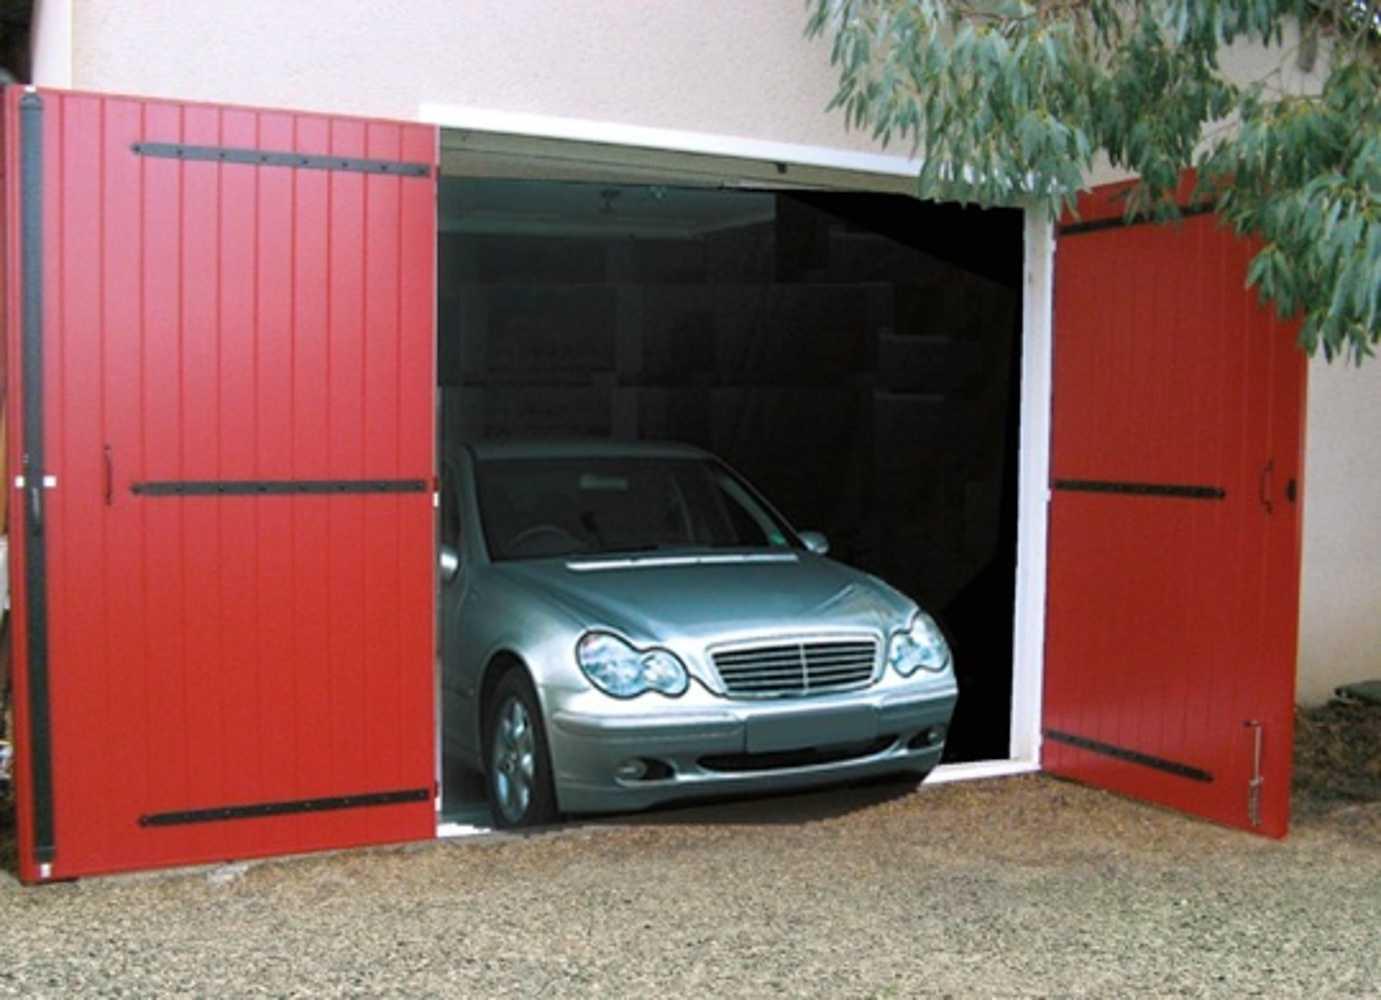 Porte de garage battante - Habitalia 0